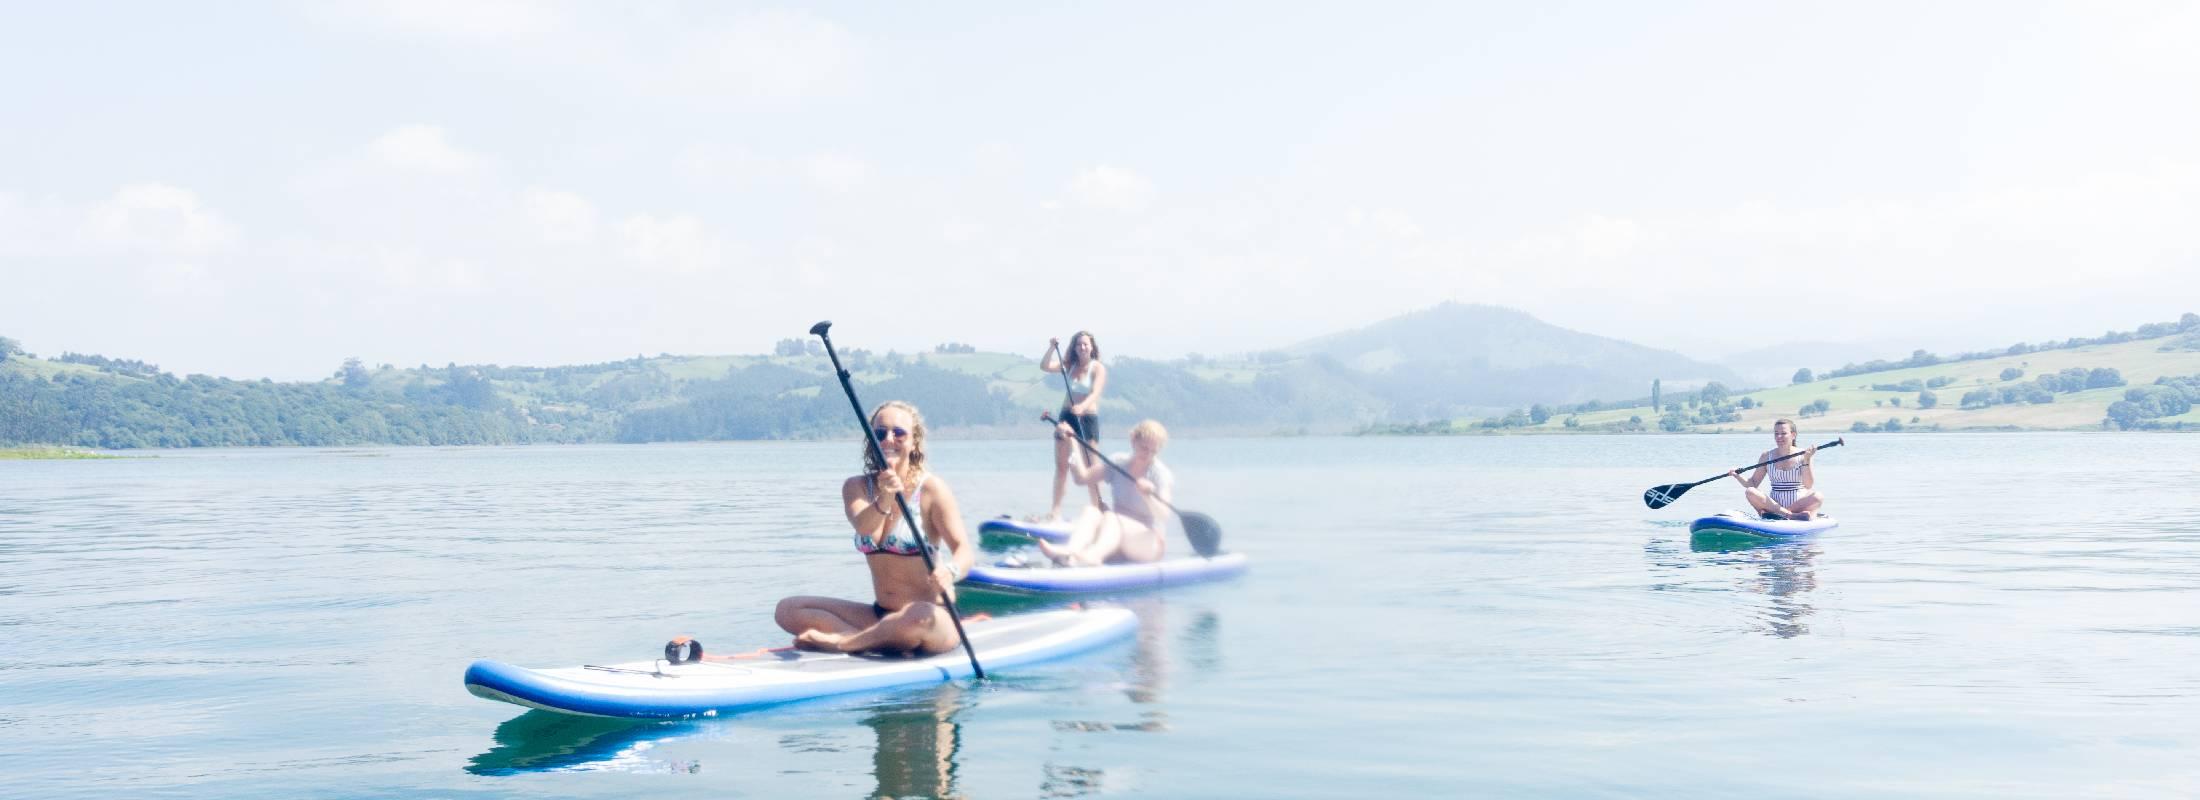 deportes acuáticos en el surf camp de cantabria